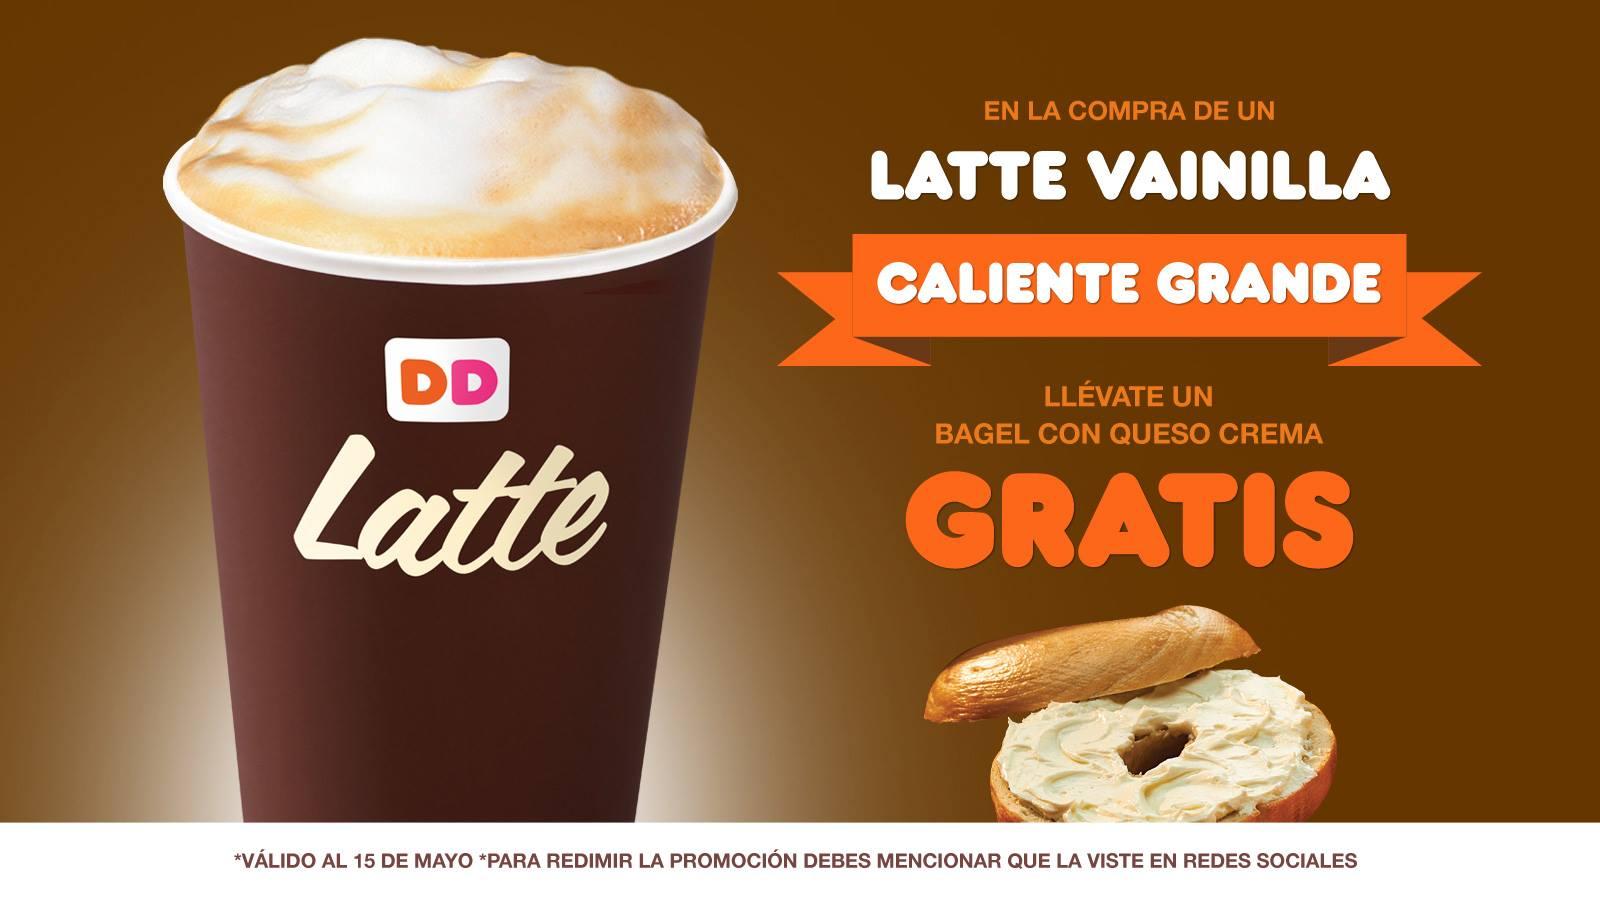 Dunkin' Donuts: bagel gratis comprando latte vainilla